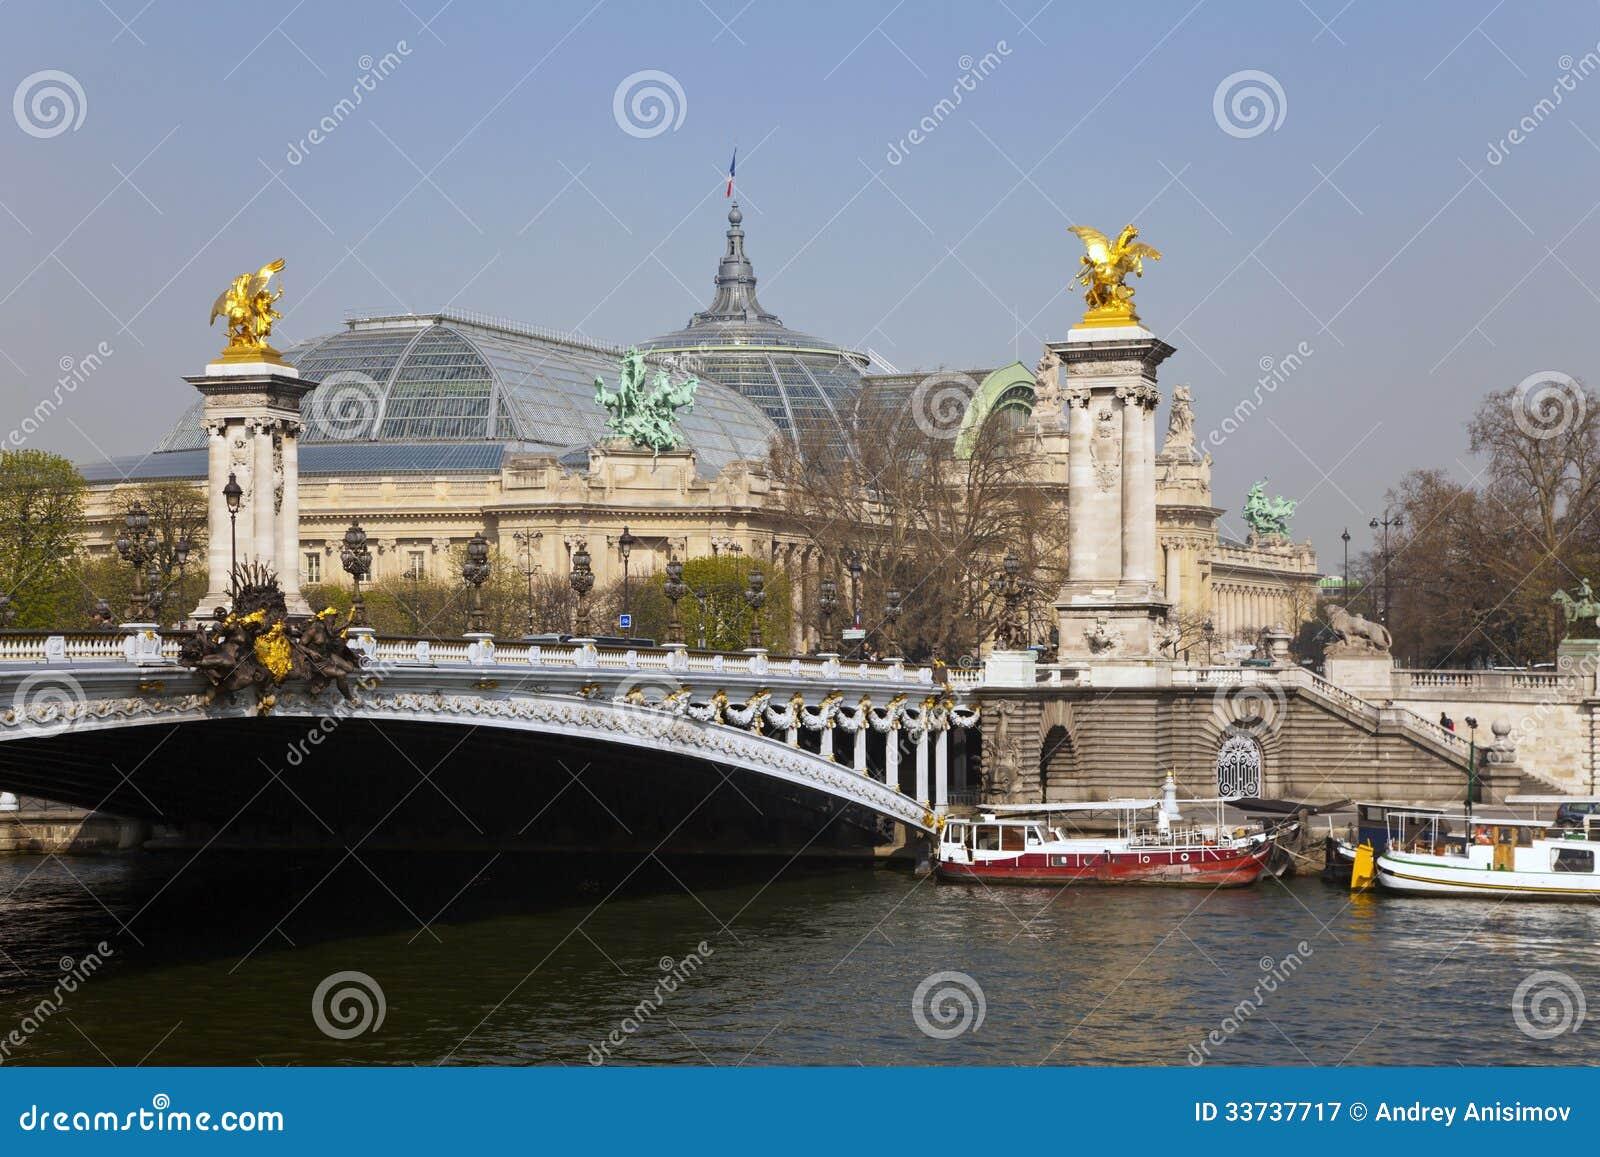 Мост Александр III. Париж, Франция.